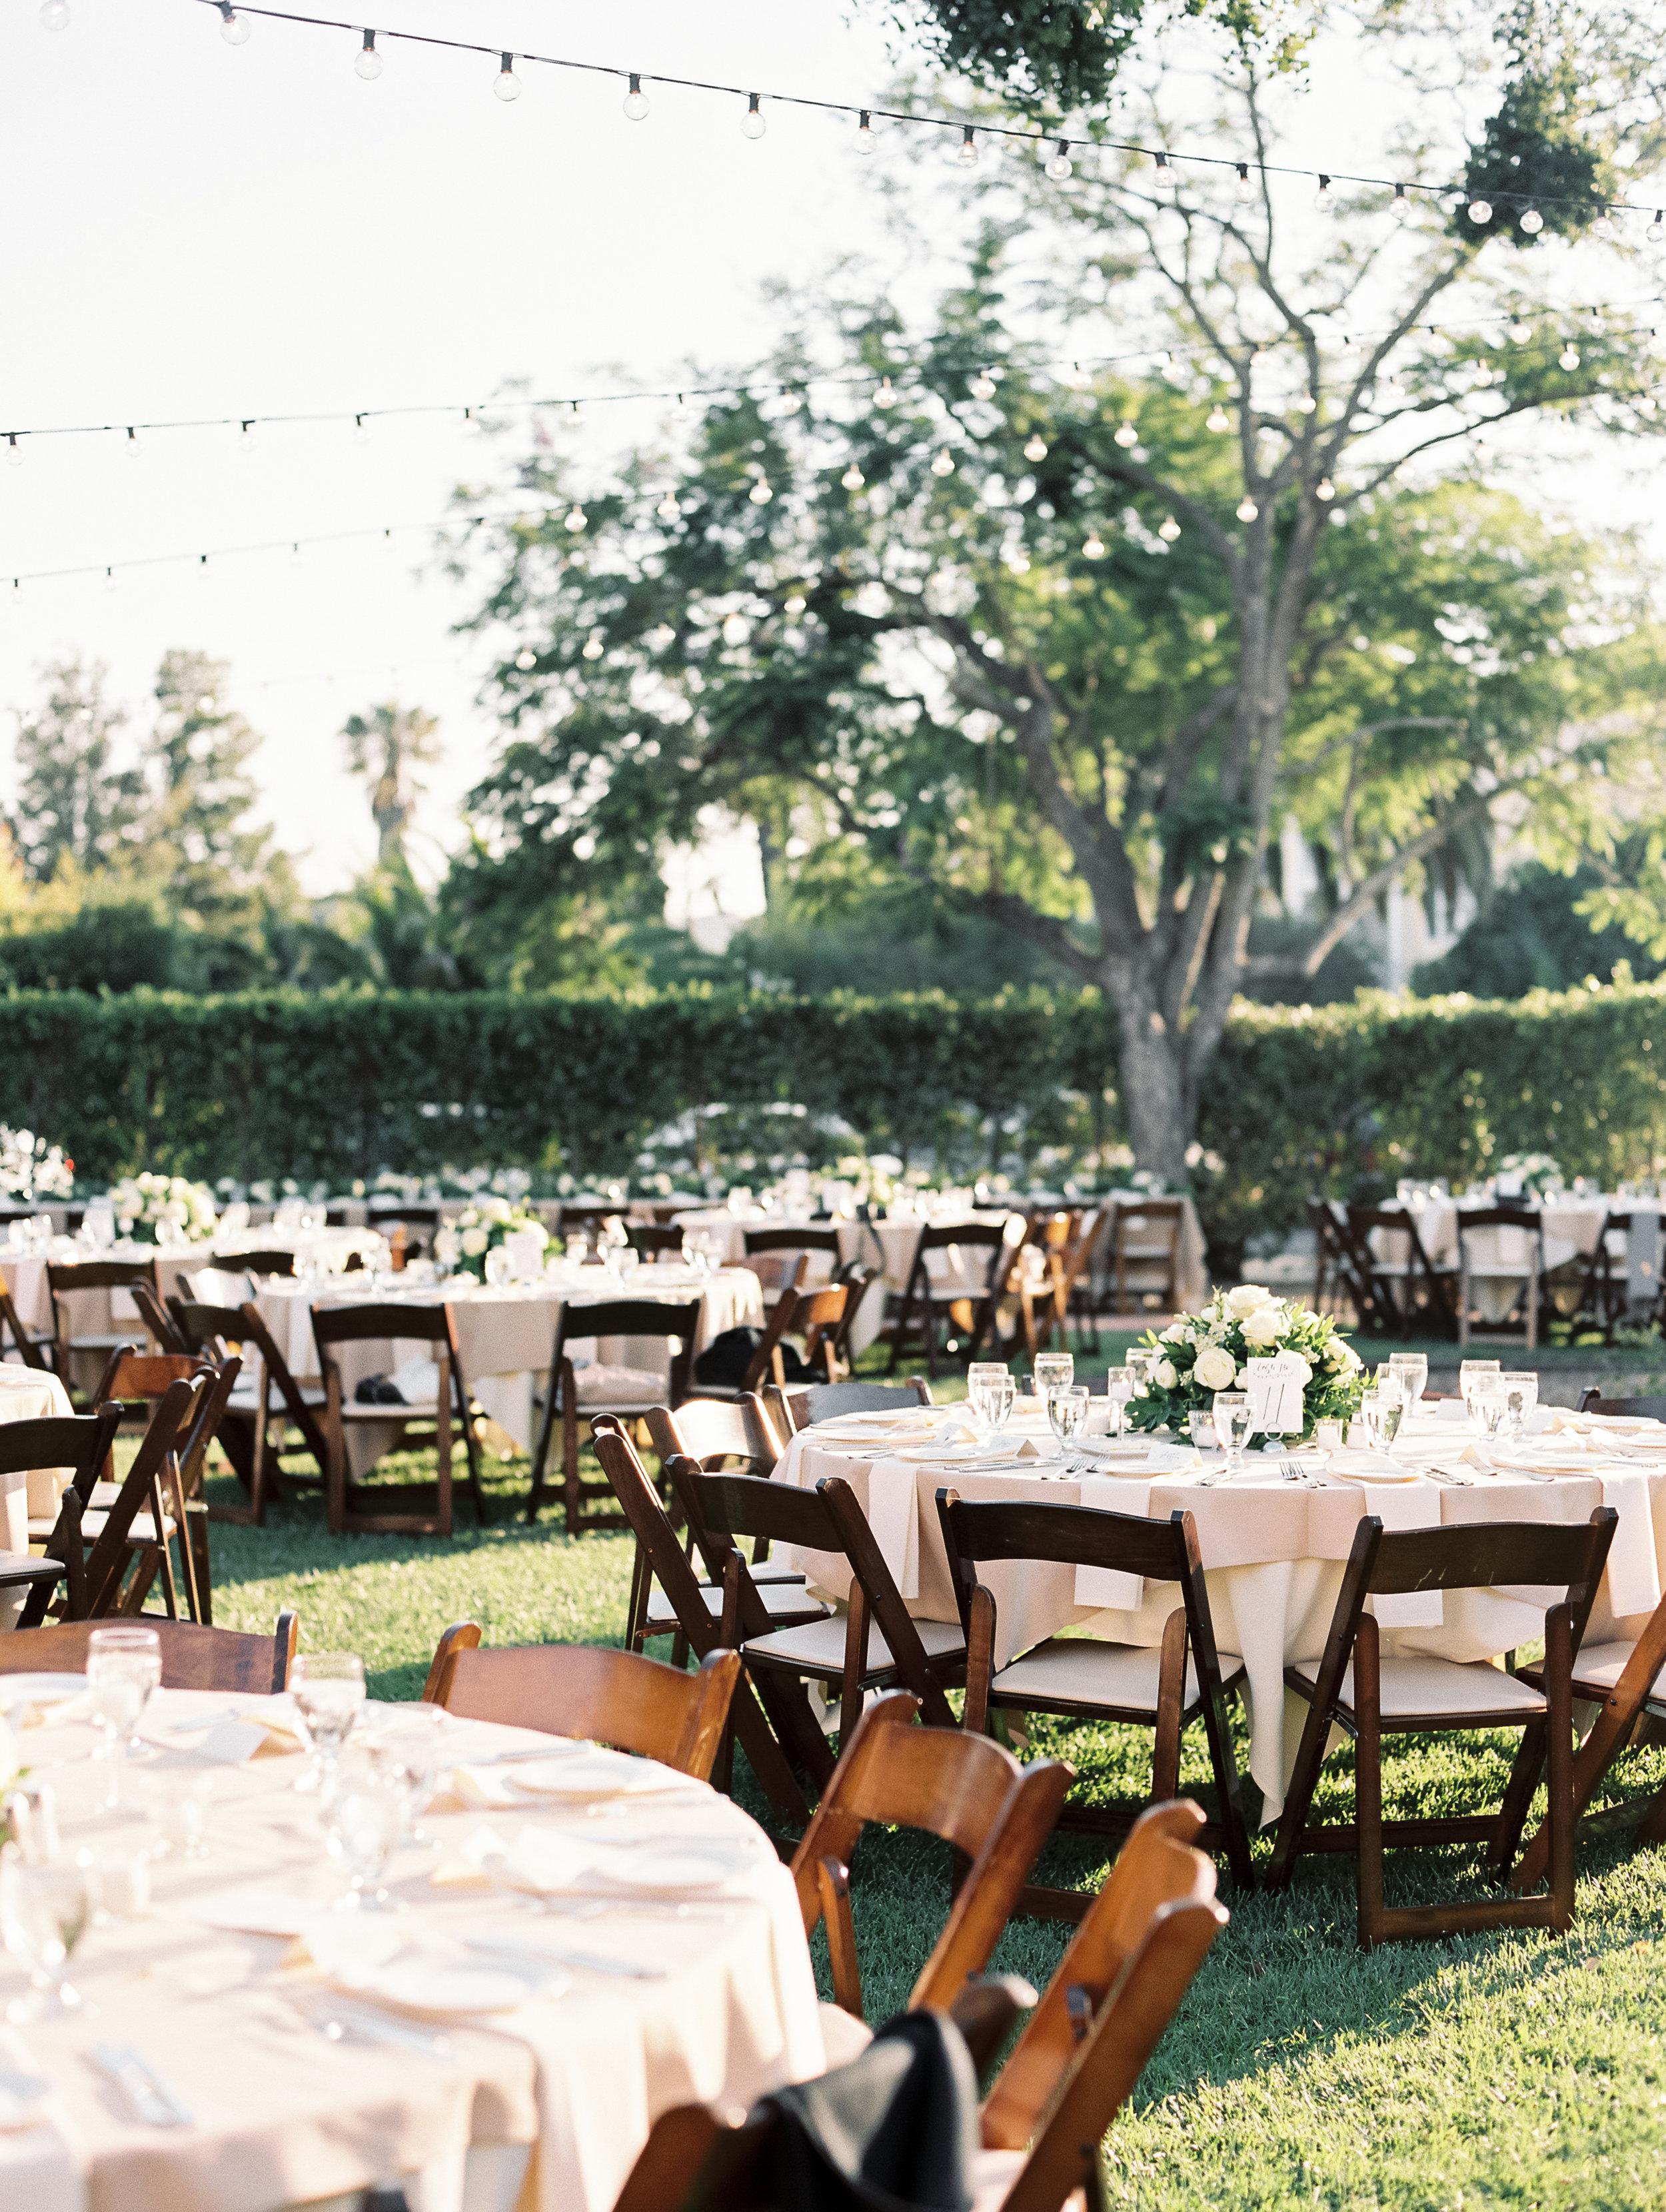 www.santabarbarawedding.com   El Presidio   Santa Barbara Club   Taralynn Lawton   Reception